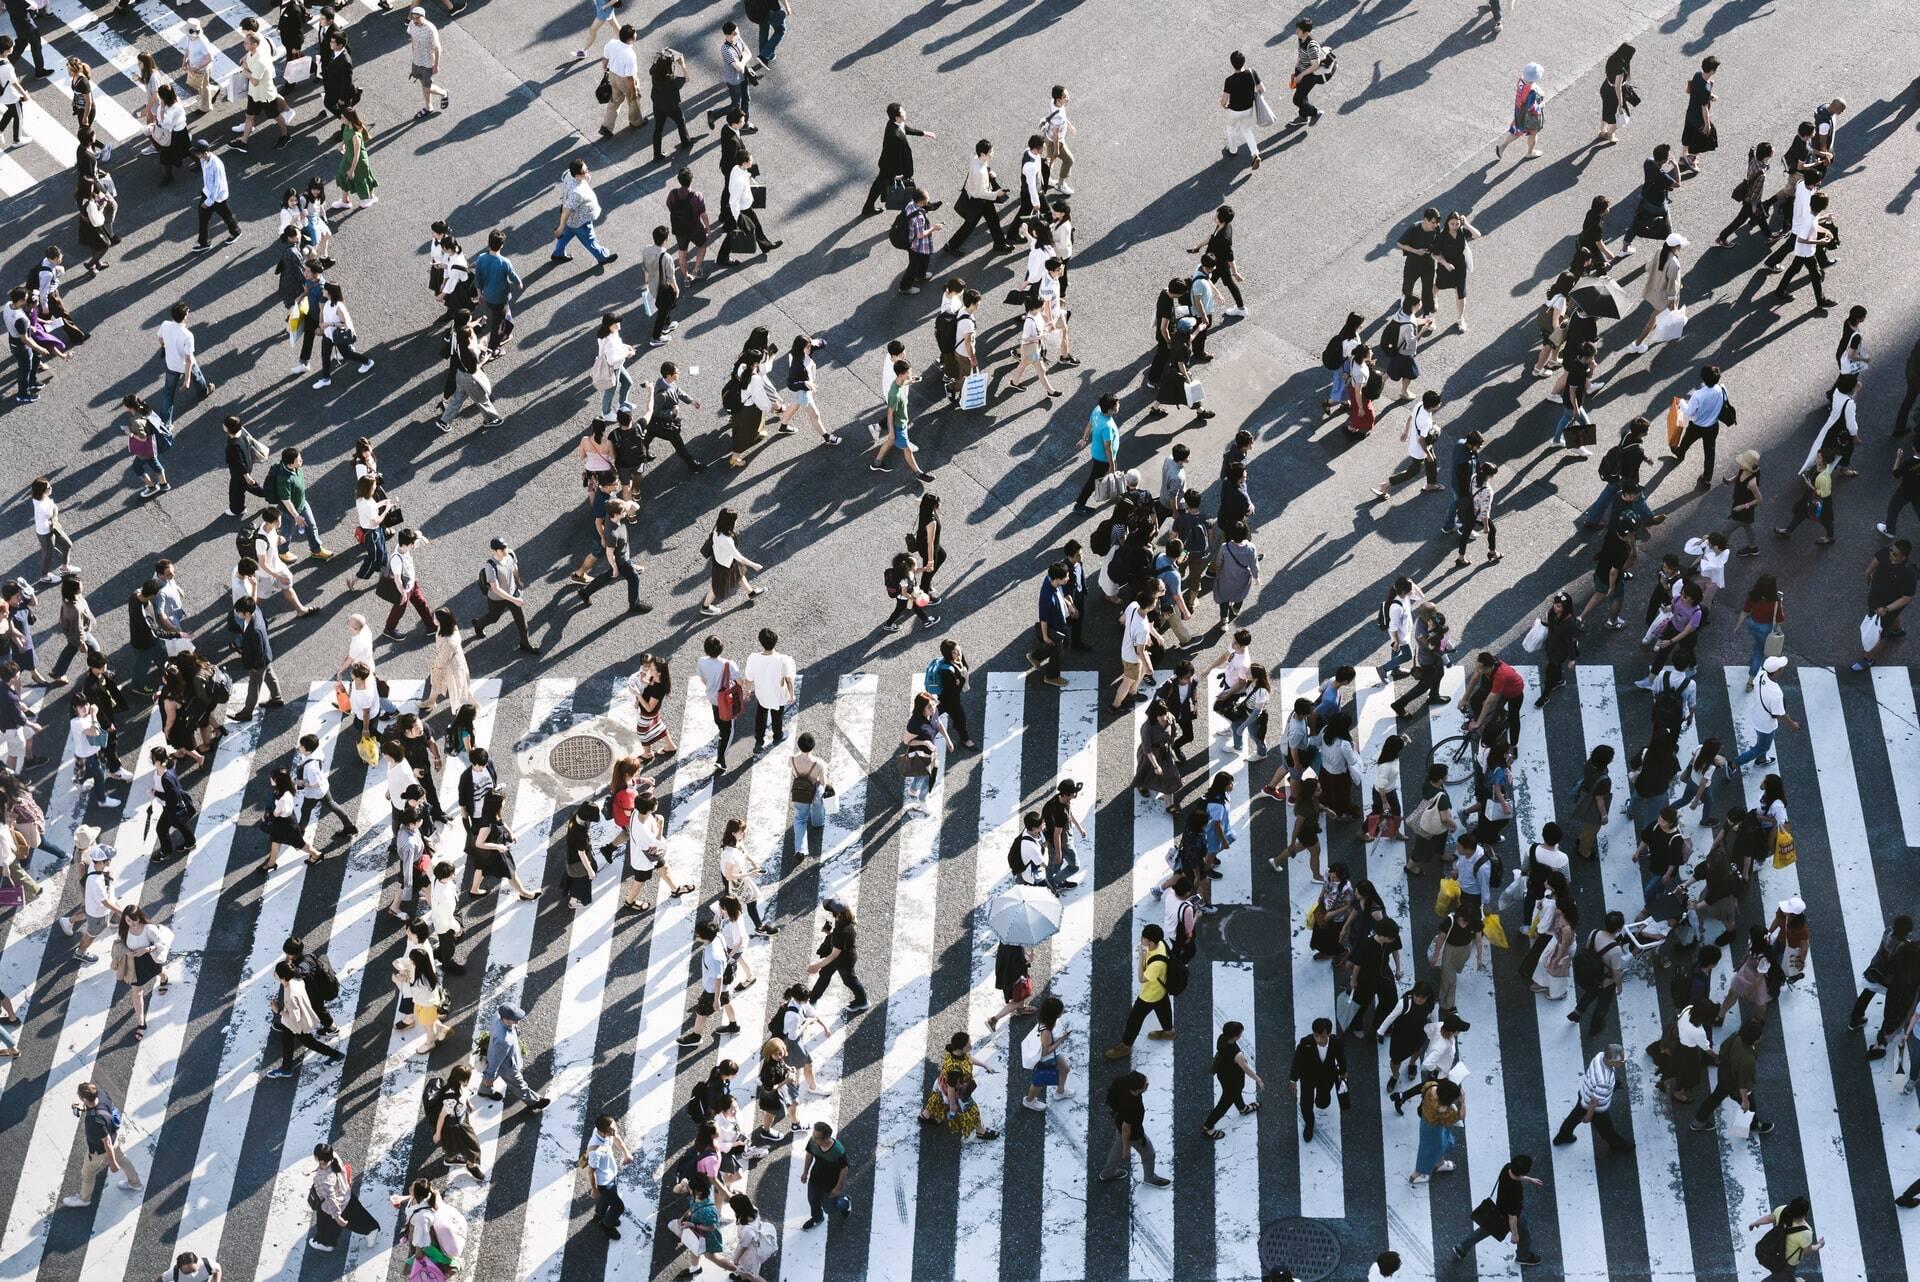 O vírus Nipah pode ter diversas variações, além de ter um alto risco de transmissão de pessoa para pessoa, o que aumenta as chances de uma epidemia se espalhar. (Foto: Unsplash)